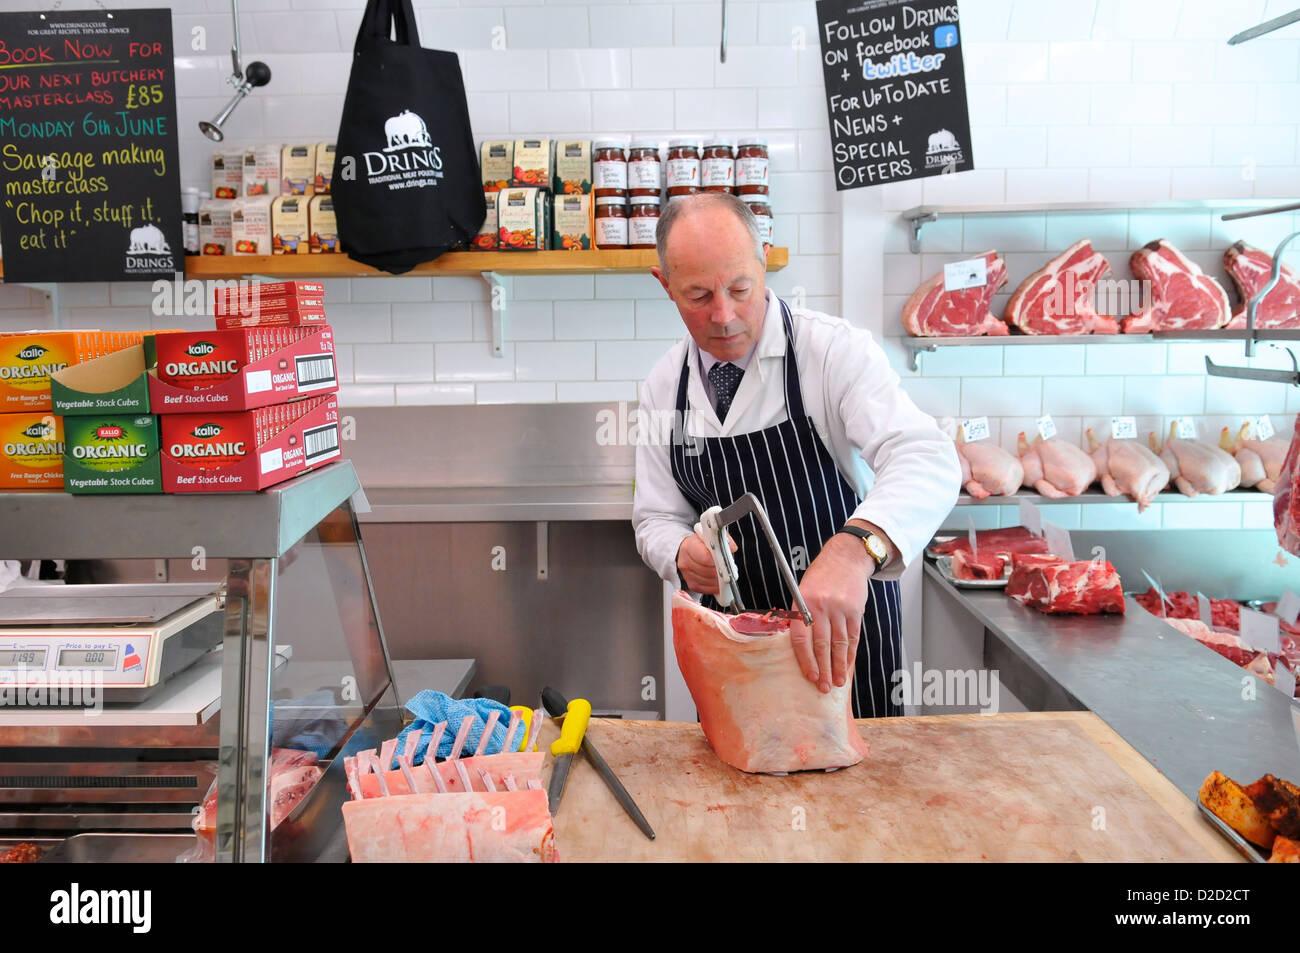 Corte carnicero carne a los carniceros, Drings Royal Hill, Greenwich, al sur de Londres, Londres, Inglaterra, Reino Unido. Foto de stock